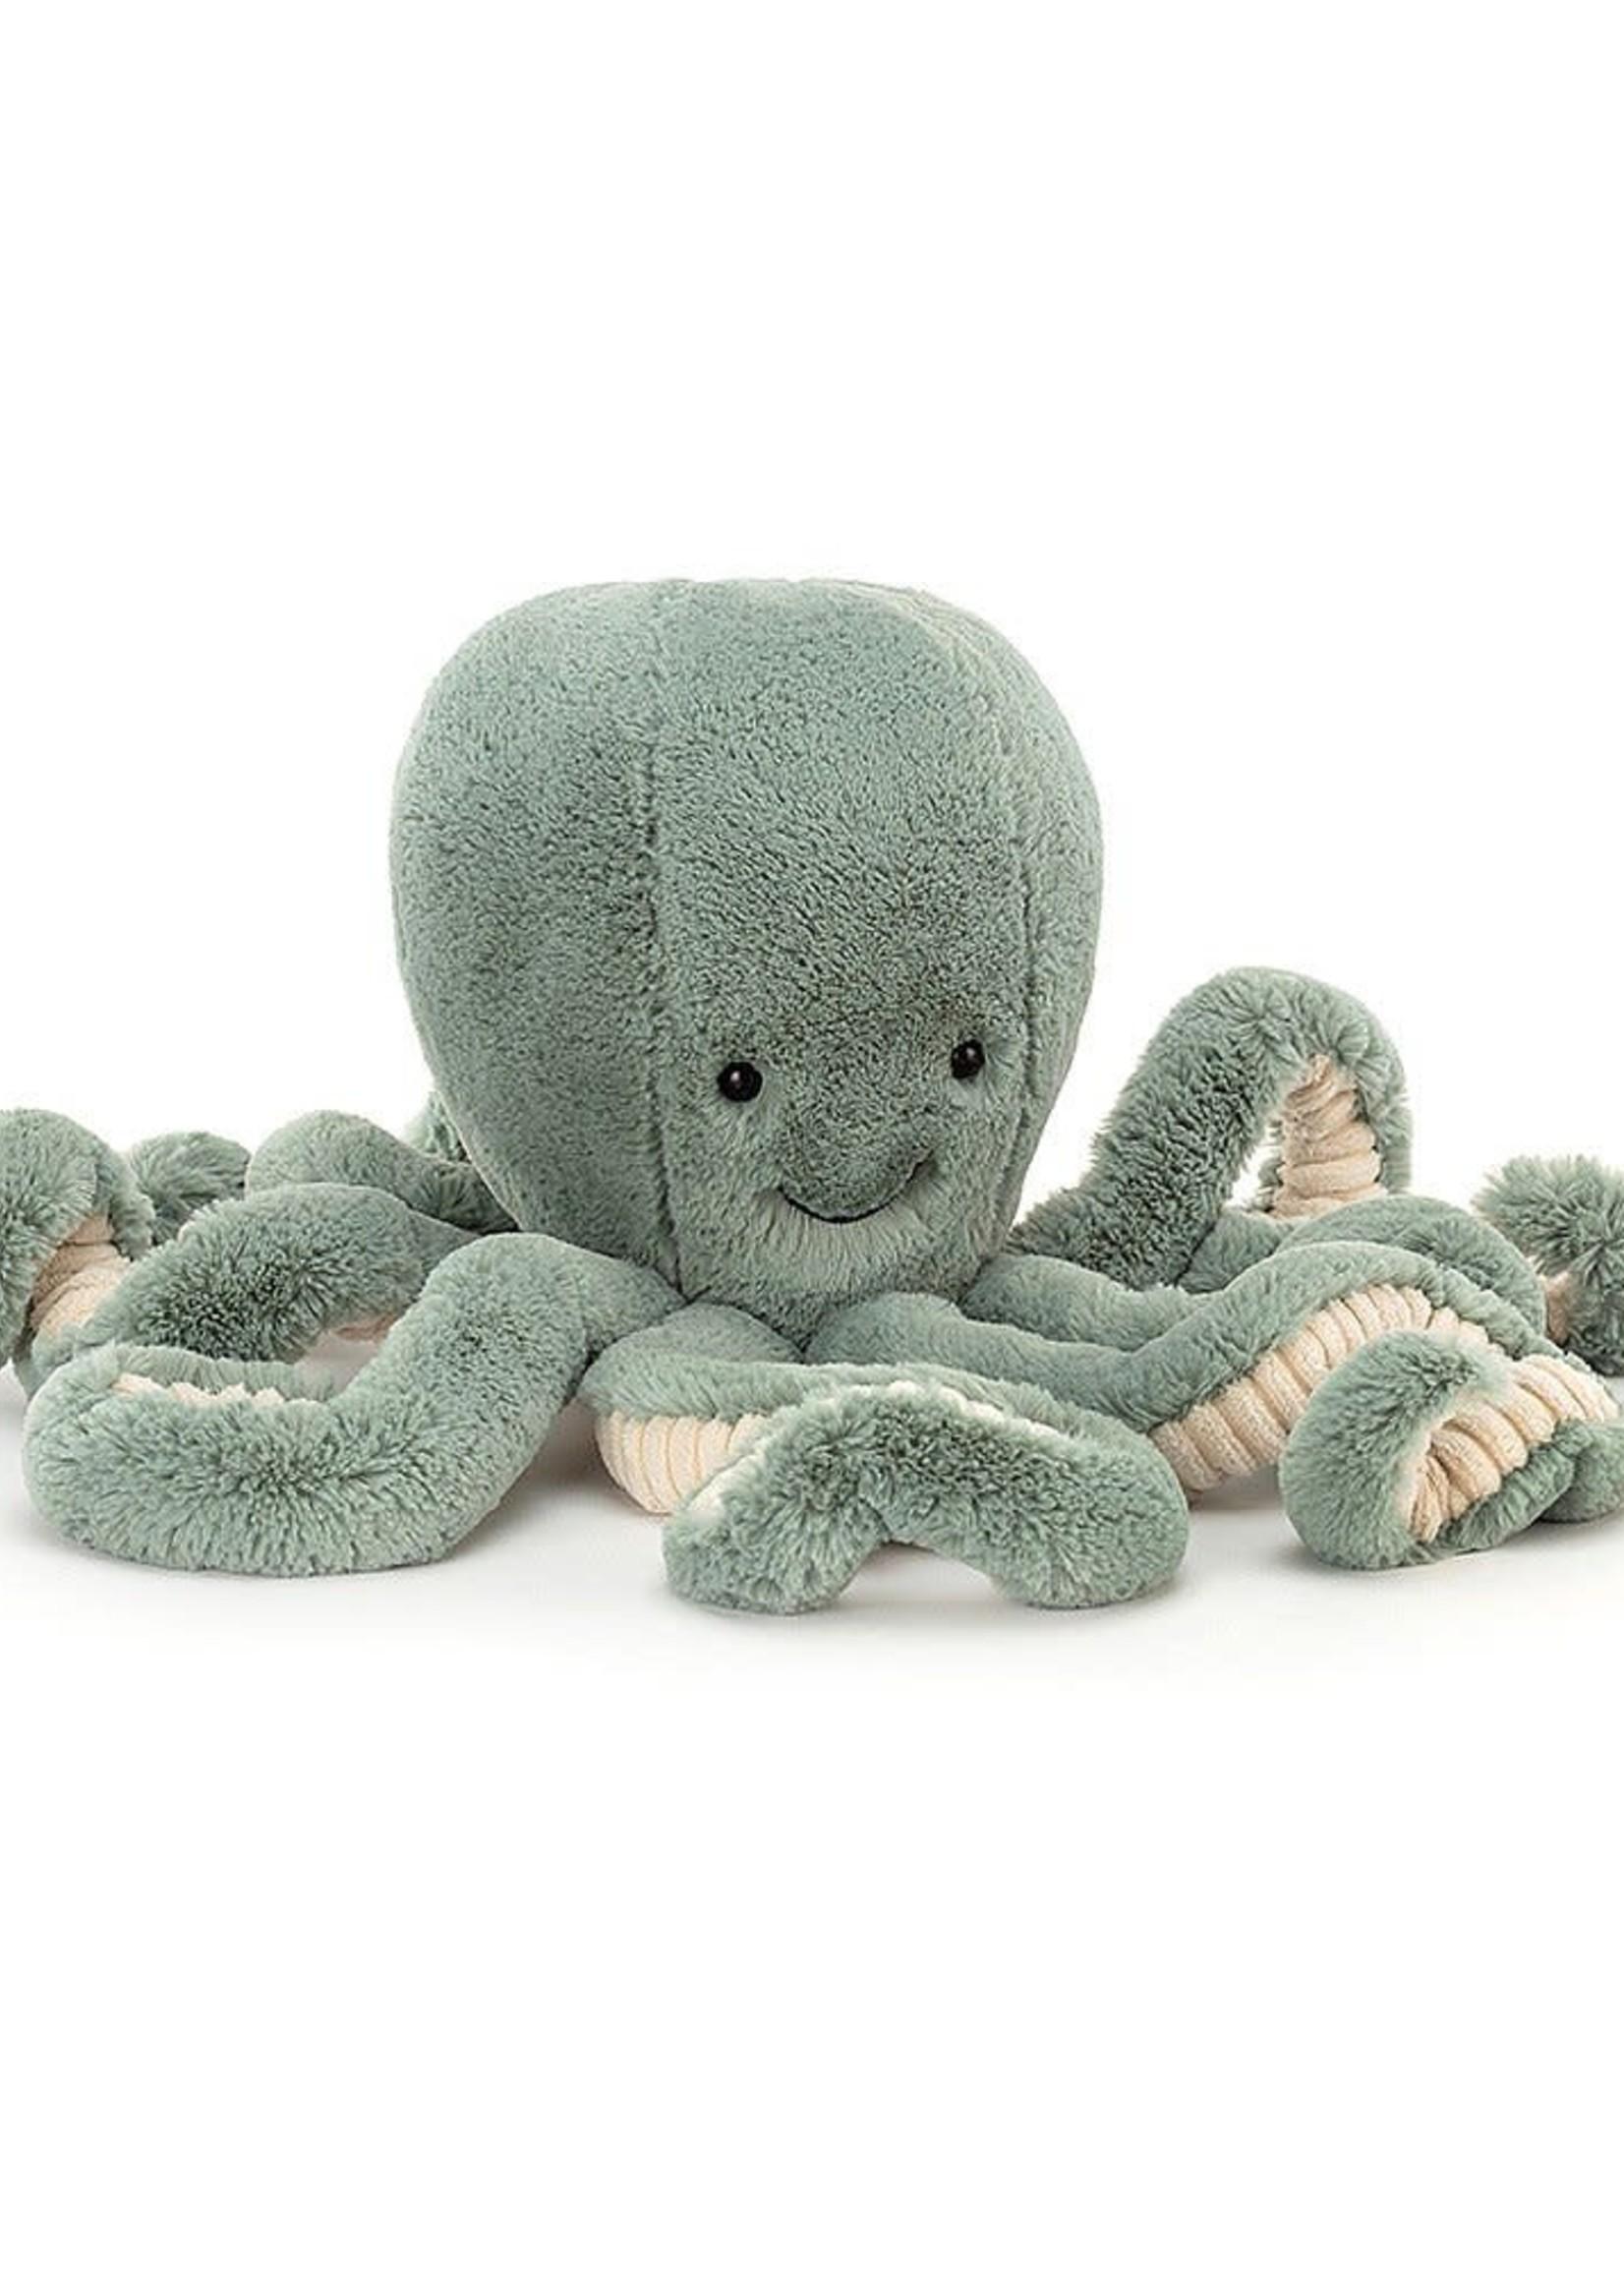 Jellycat JC Little Odyssey Octopus